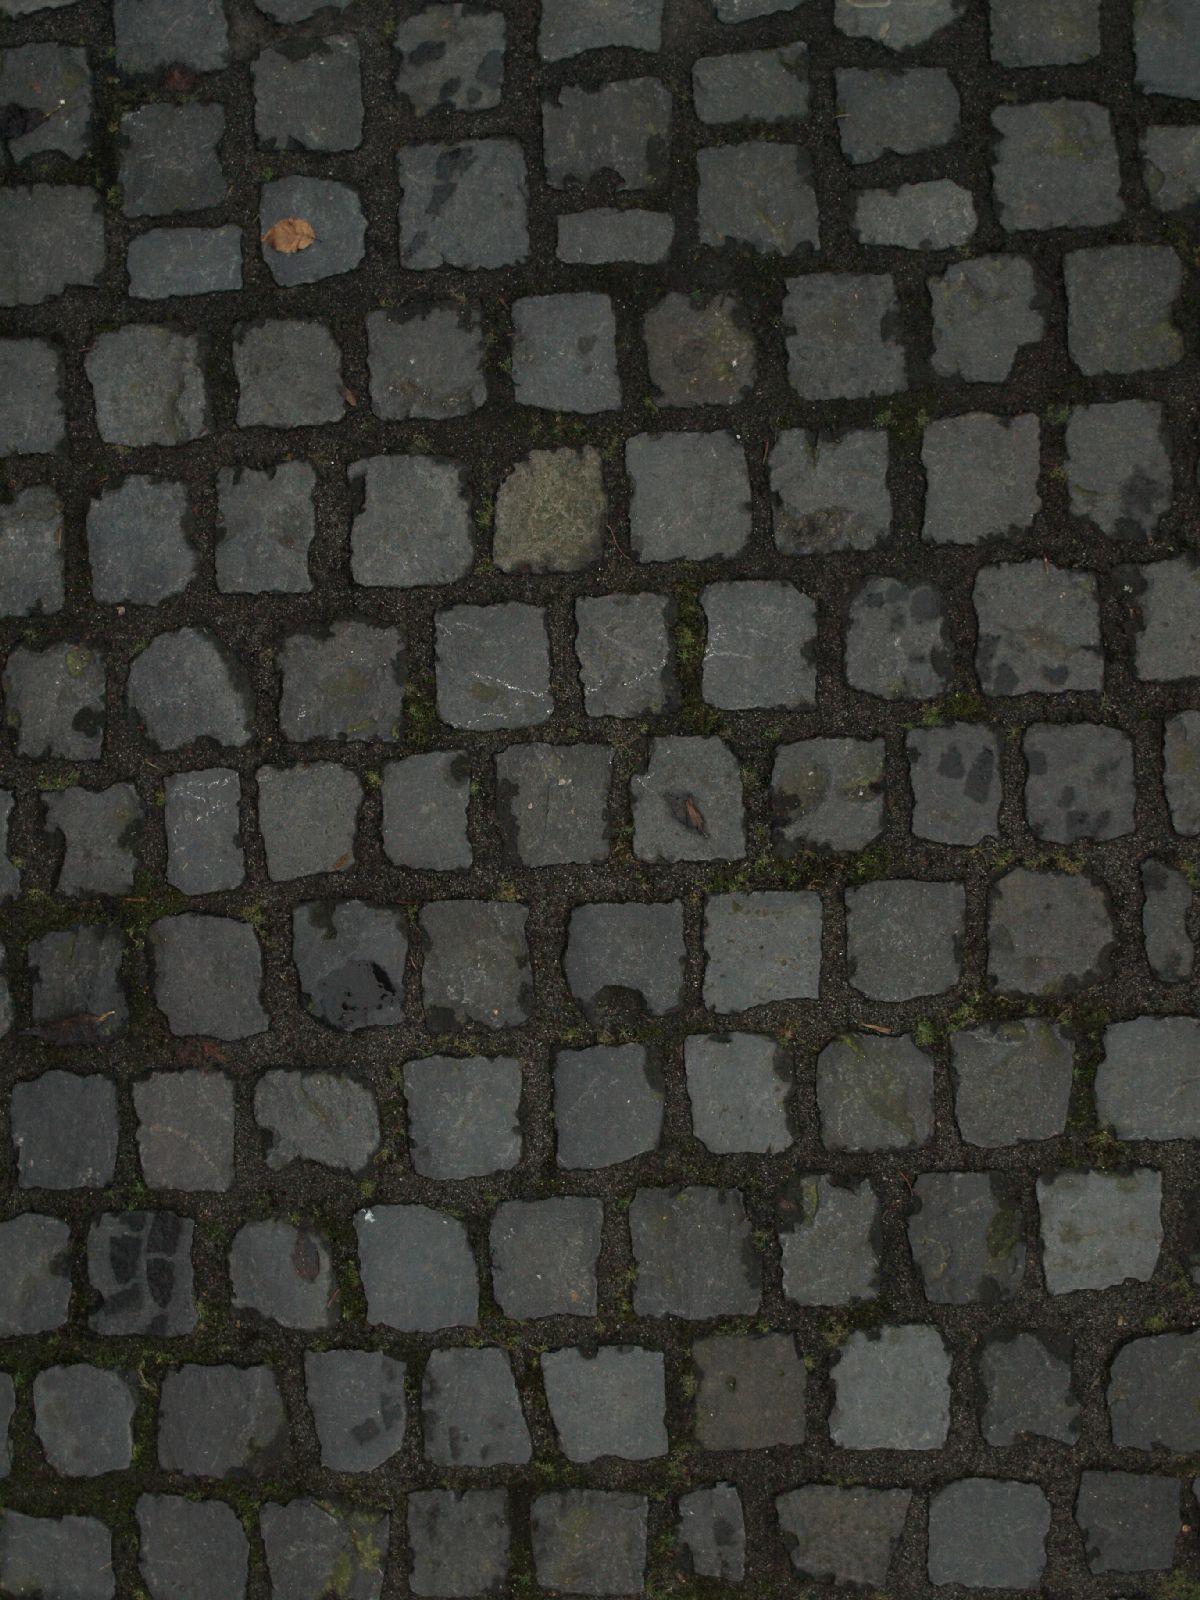 Boden-Gehweg-Strasse-Buergersteig-Textur_A_PC238103